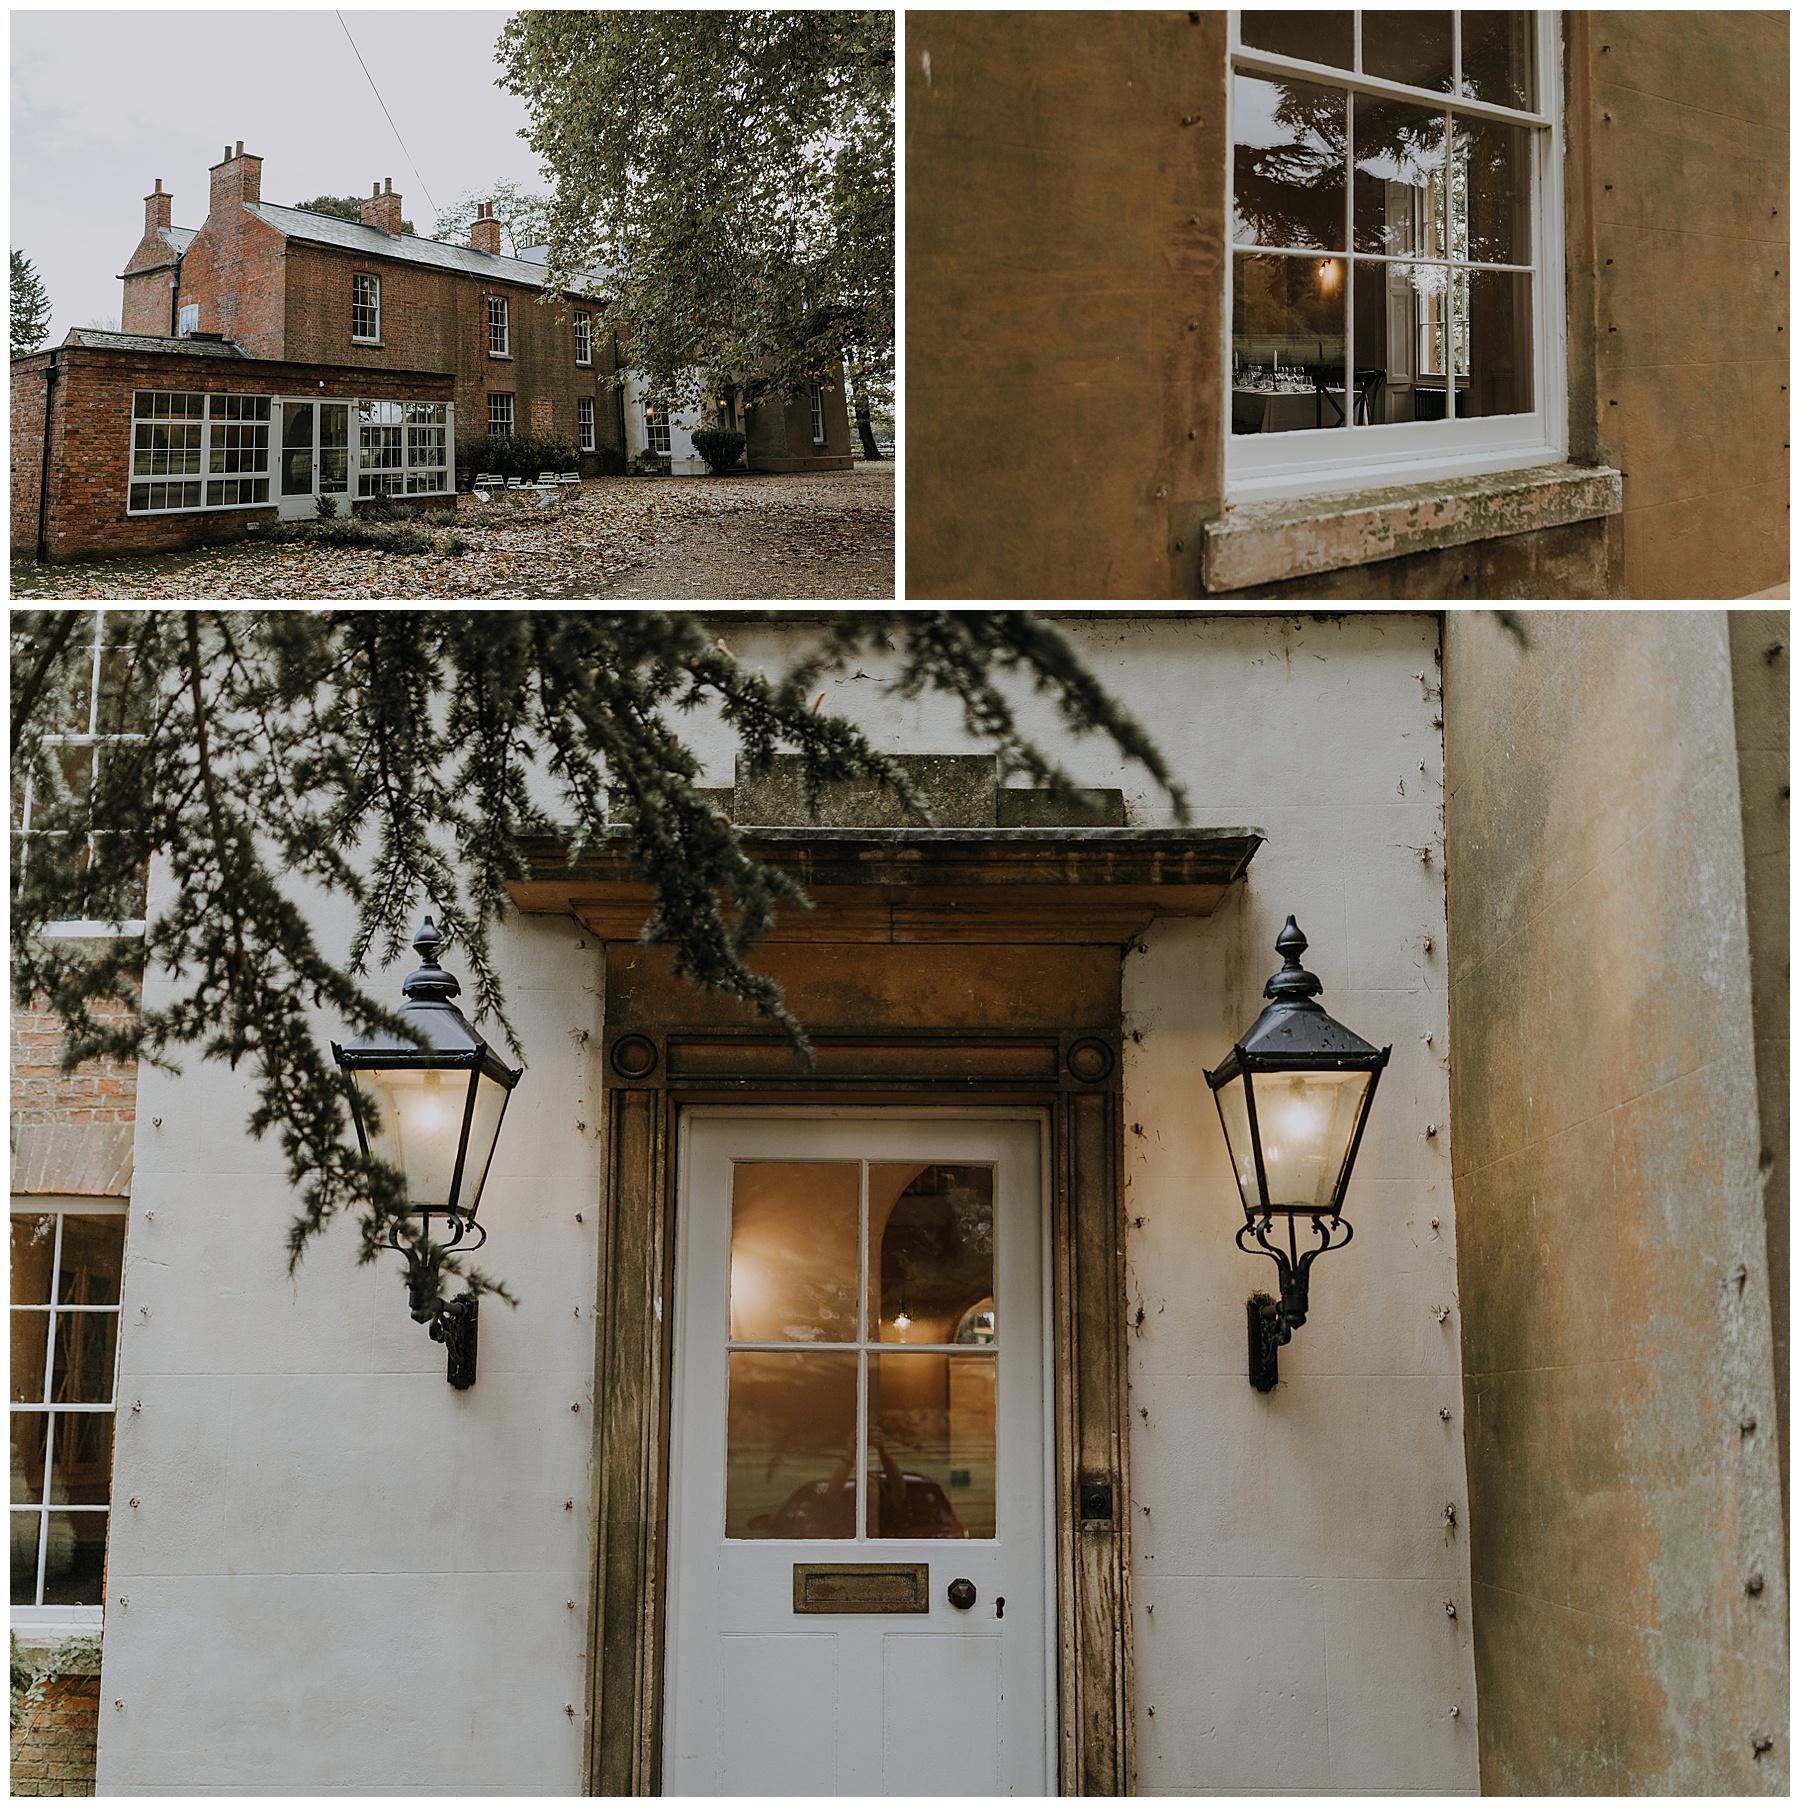 a wintry doorway scene